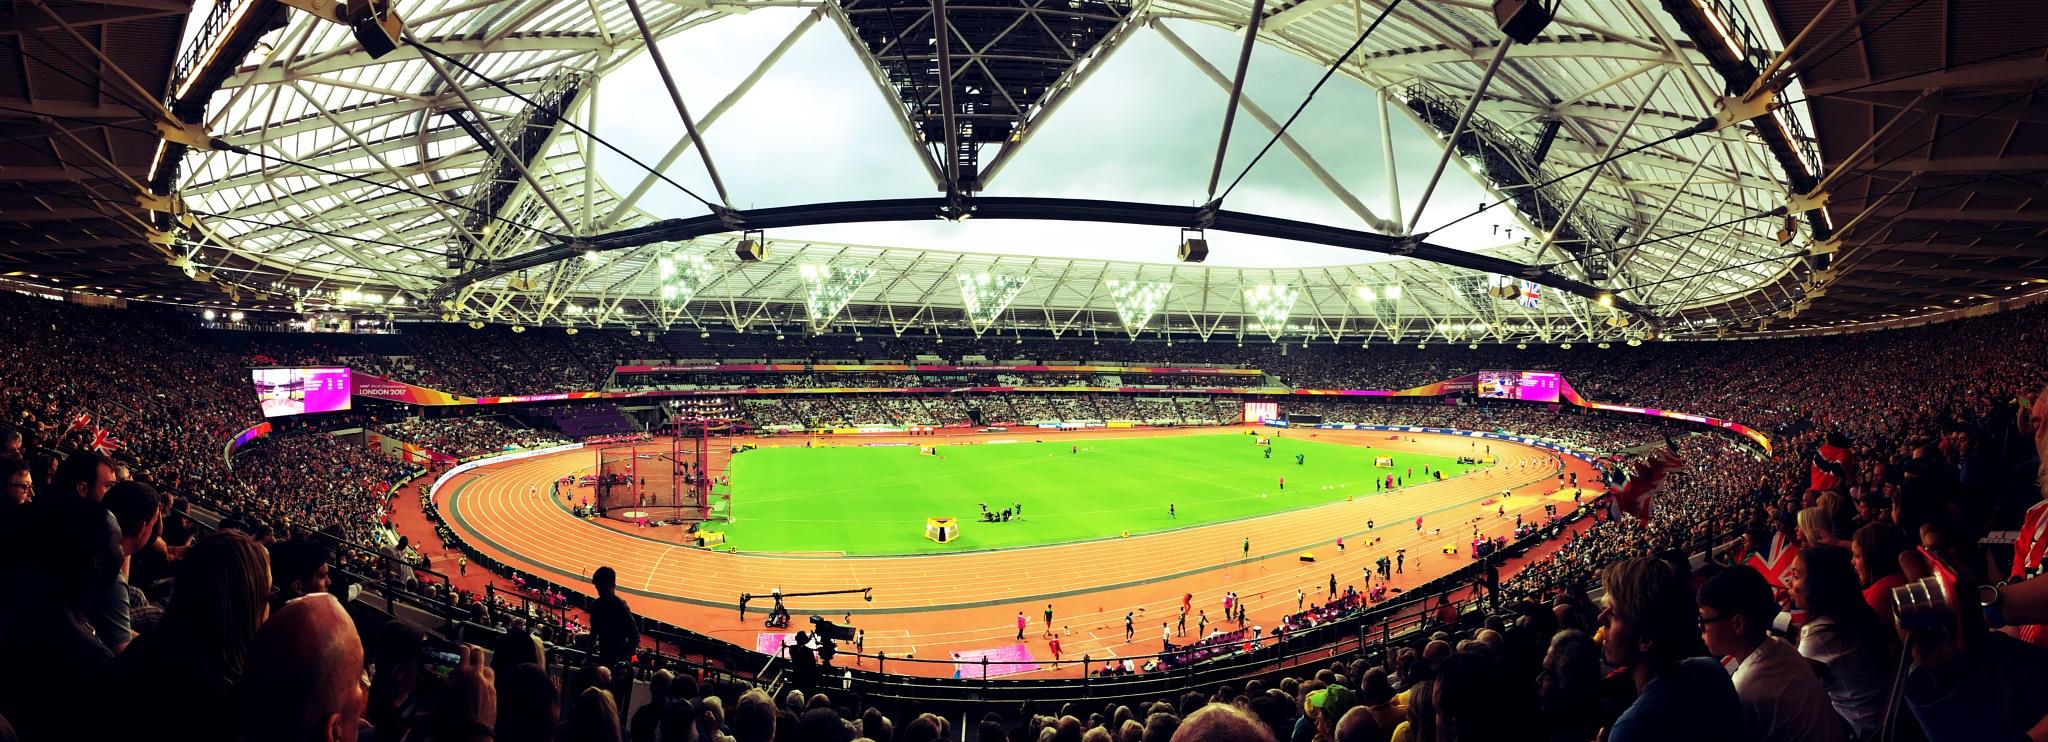 Stadium Shot by Paul Stobbs